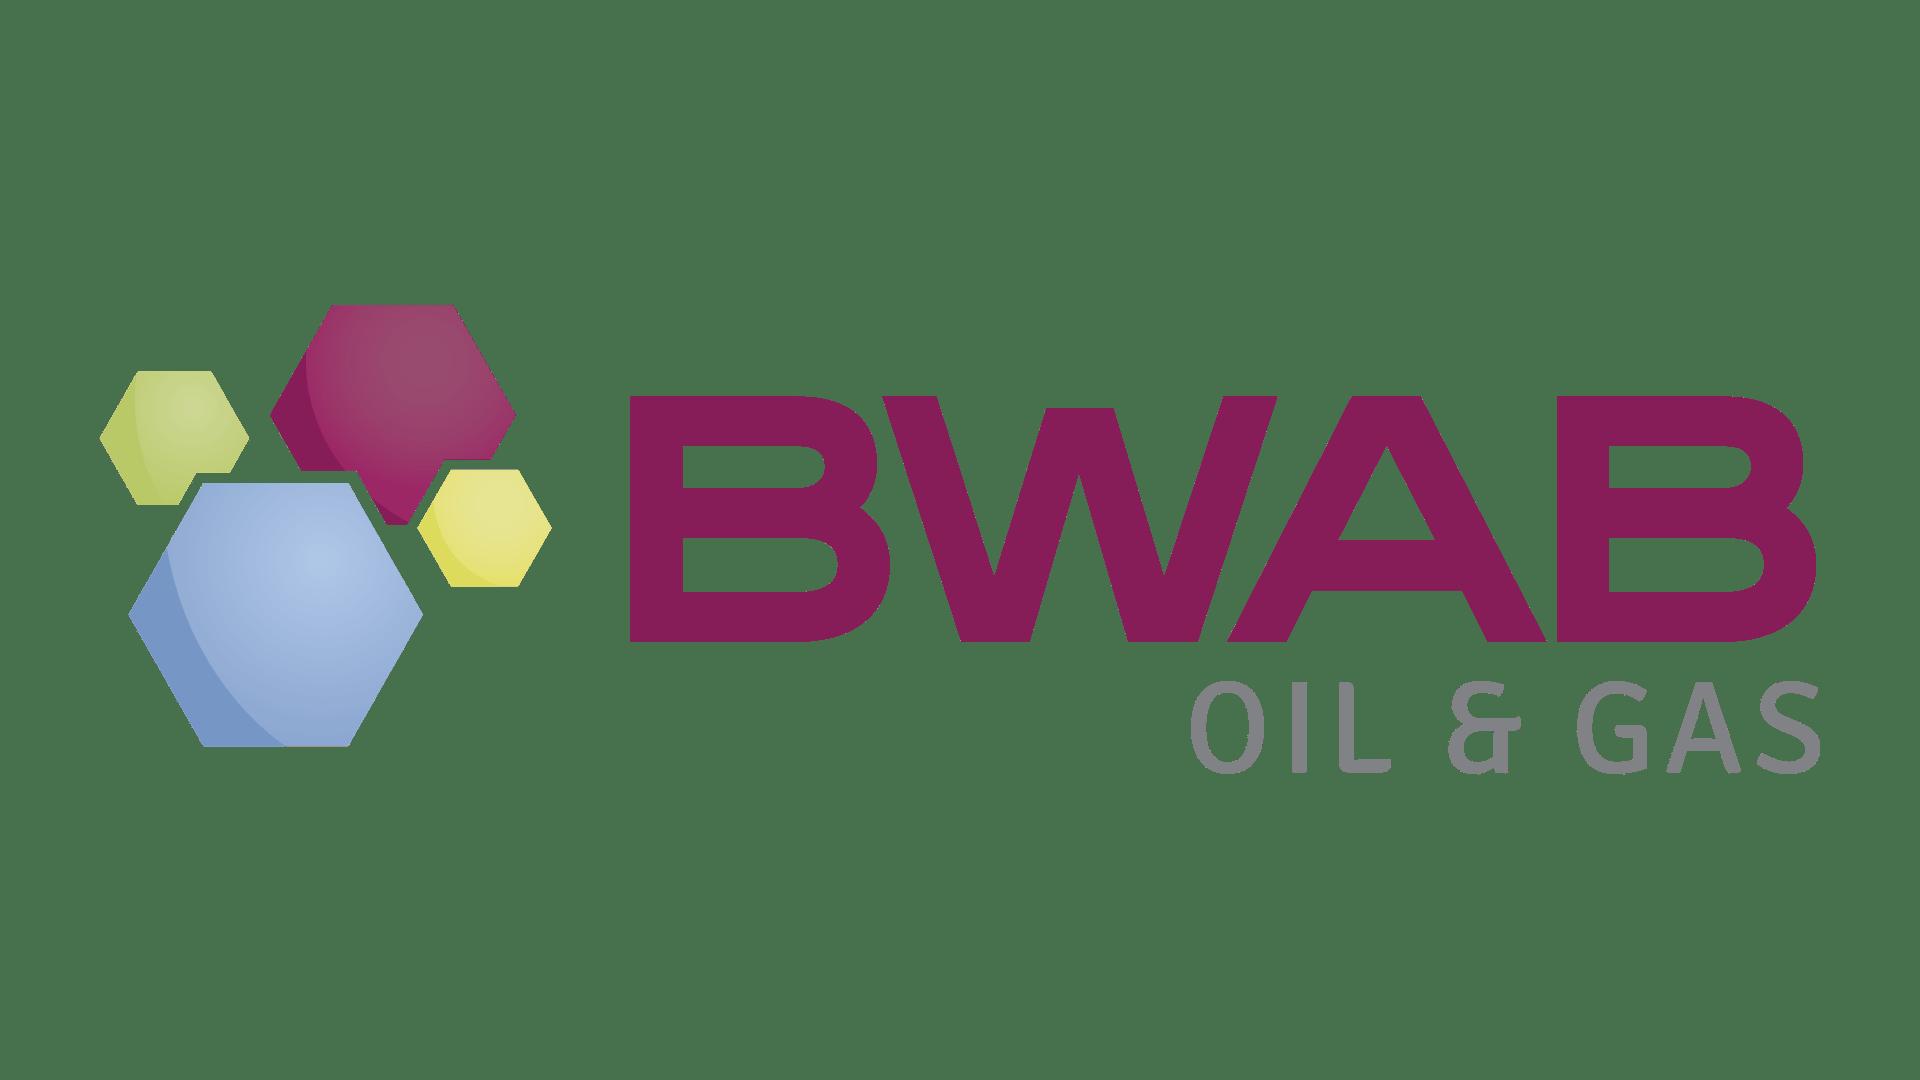 BWAB Oil & Gas